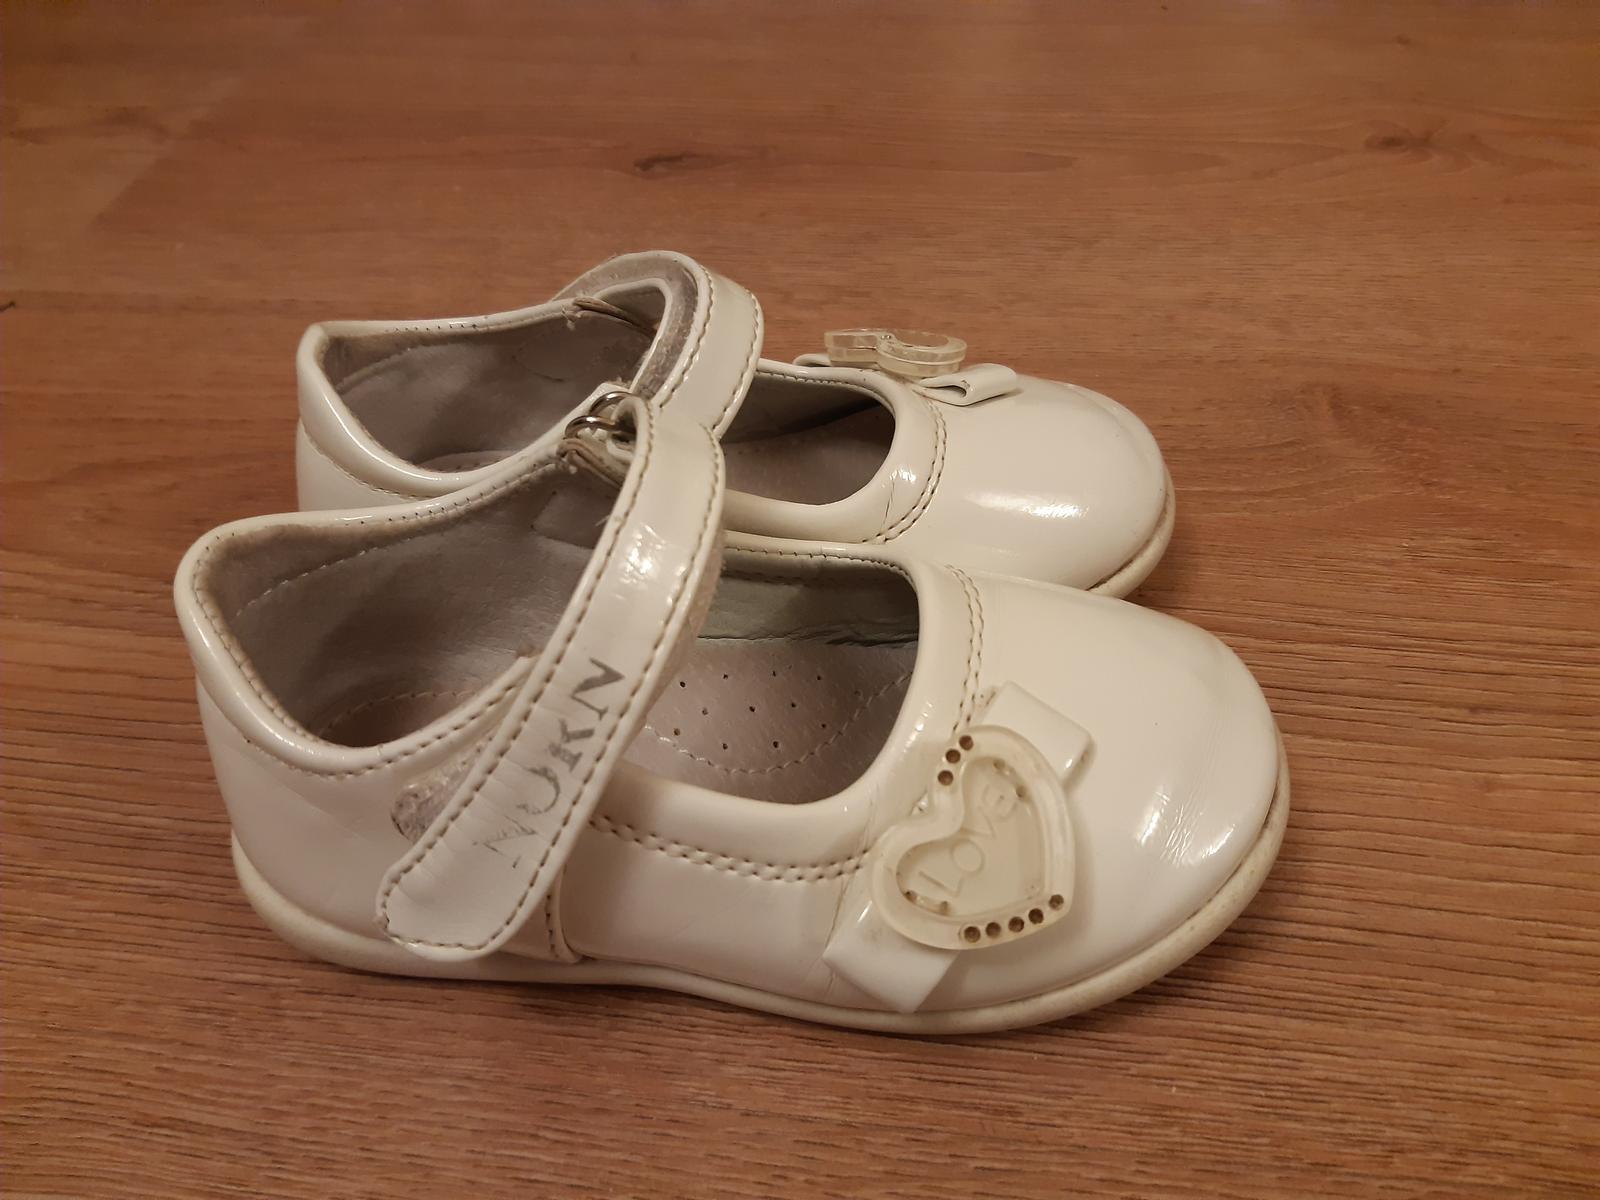 Dievčenské topánky  - Obrázok č. 2